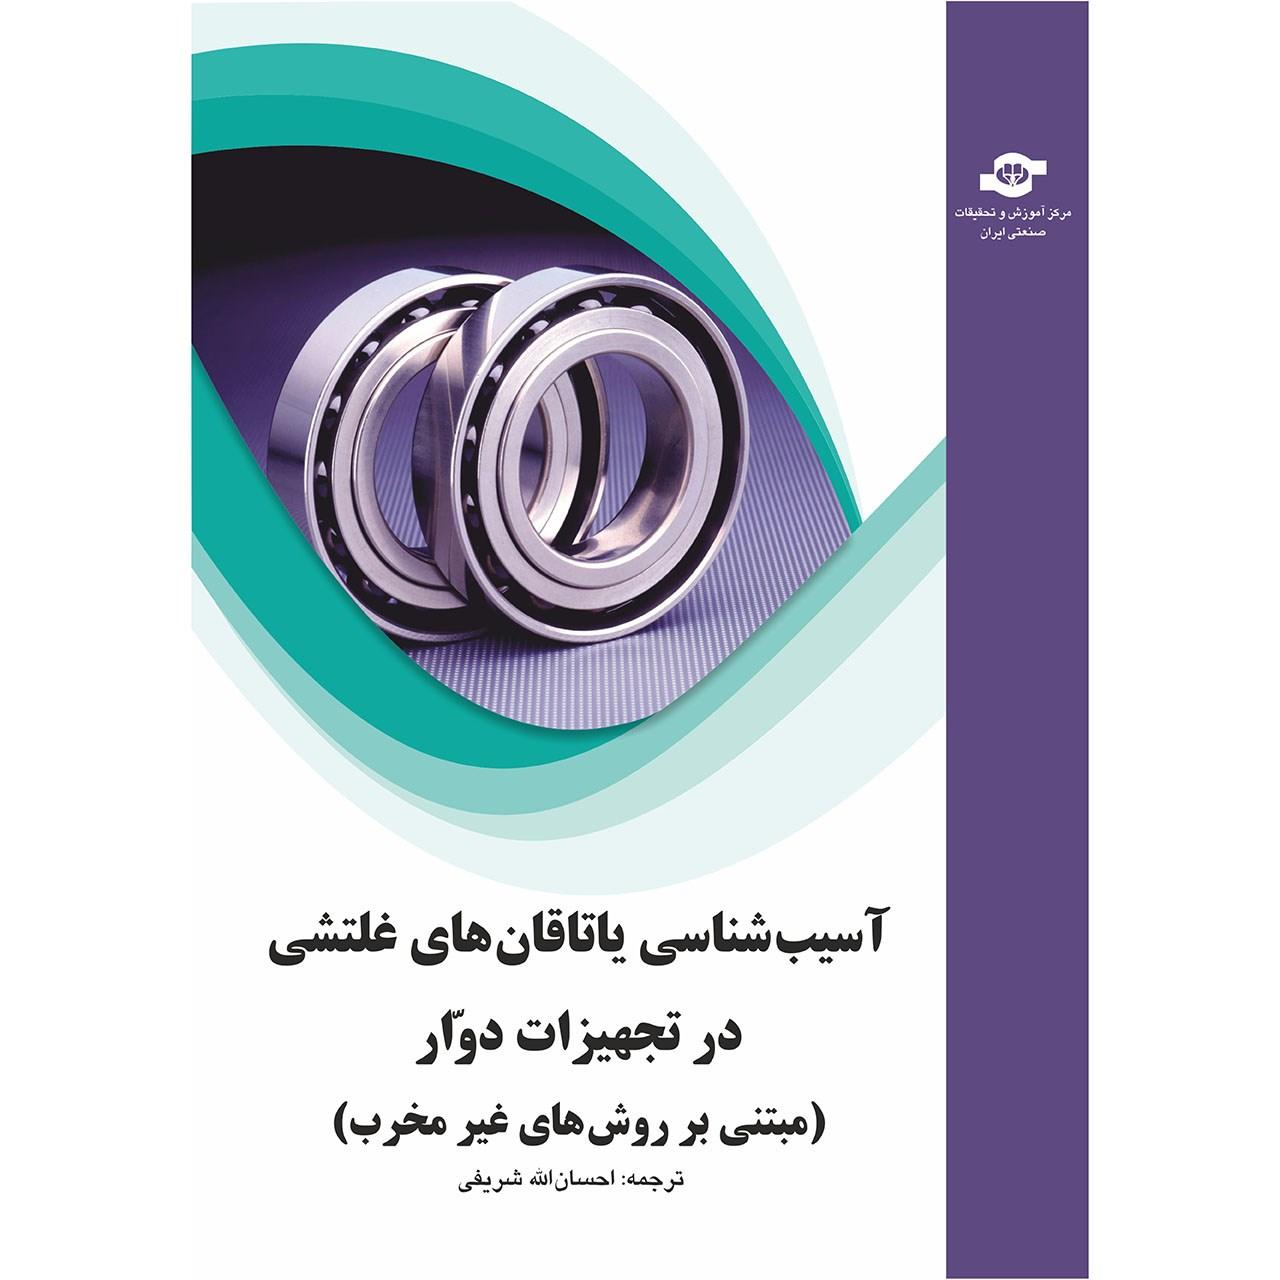 خرید                      کتاب آسیب شناسی یاتاقان های غلتشی در تجهیزات دوار مترجم احسان الله شریفی